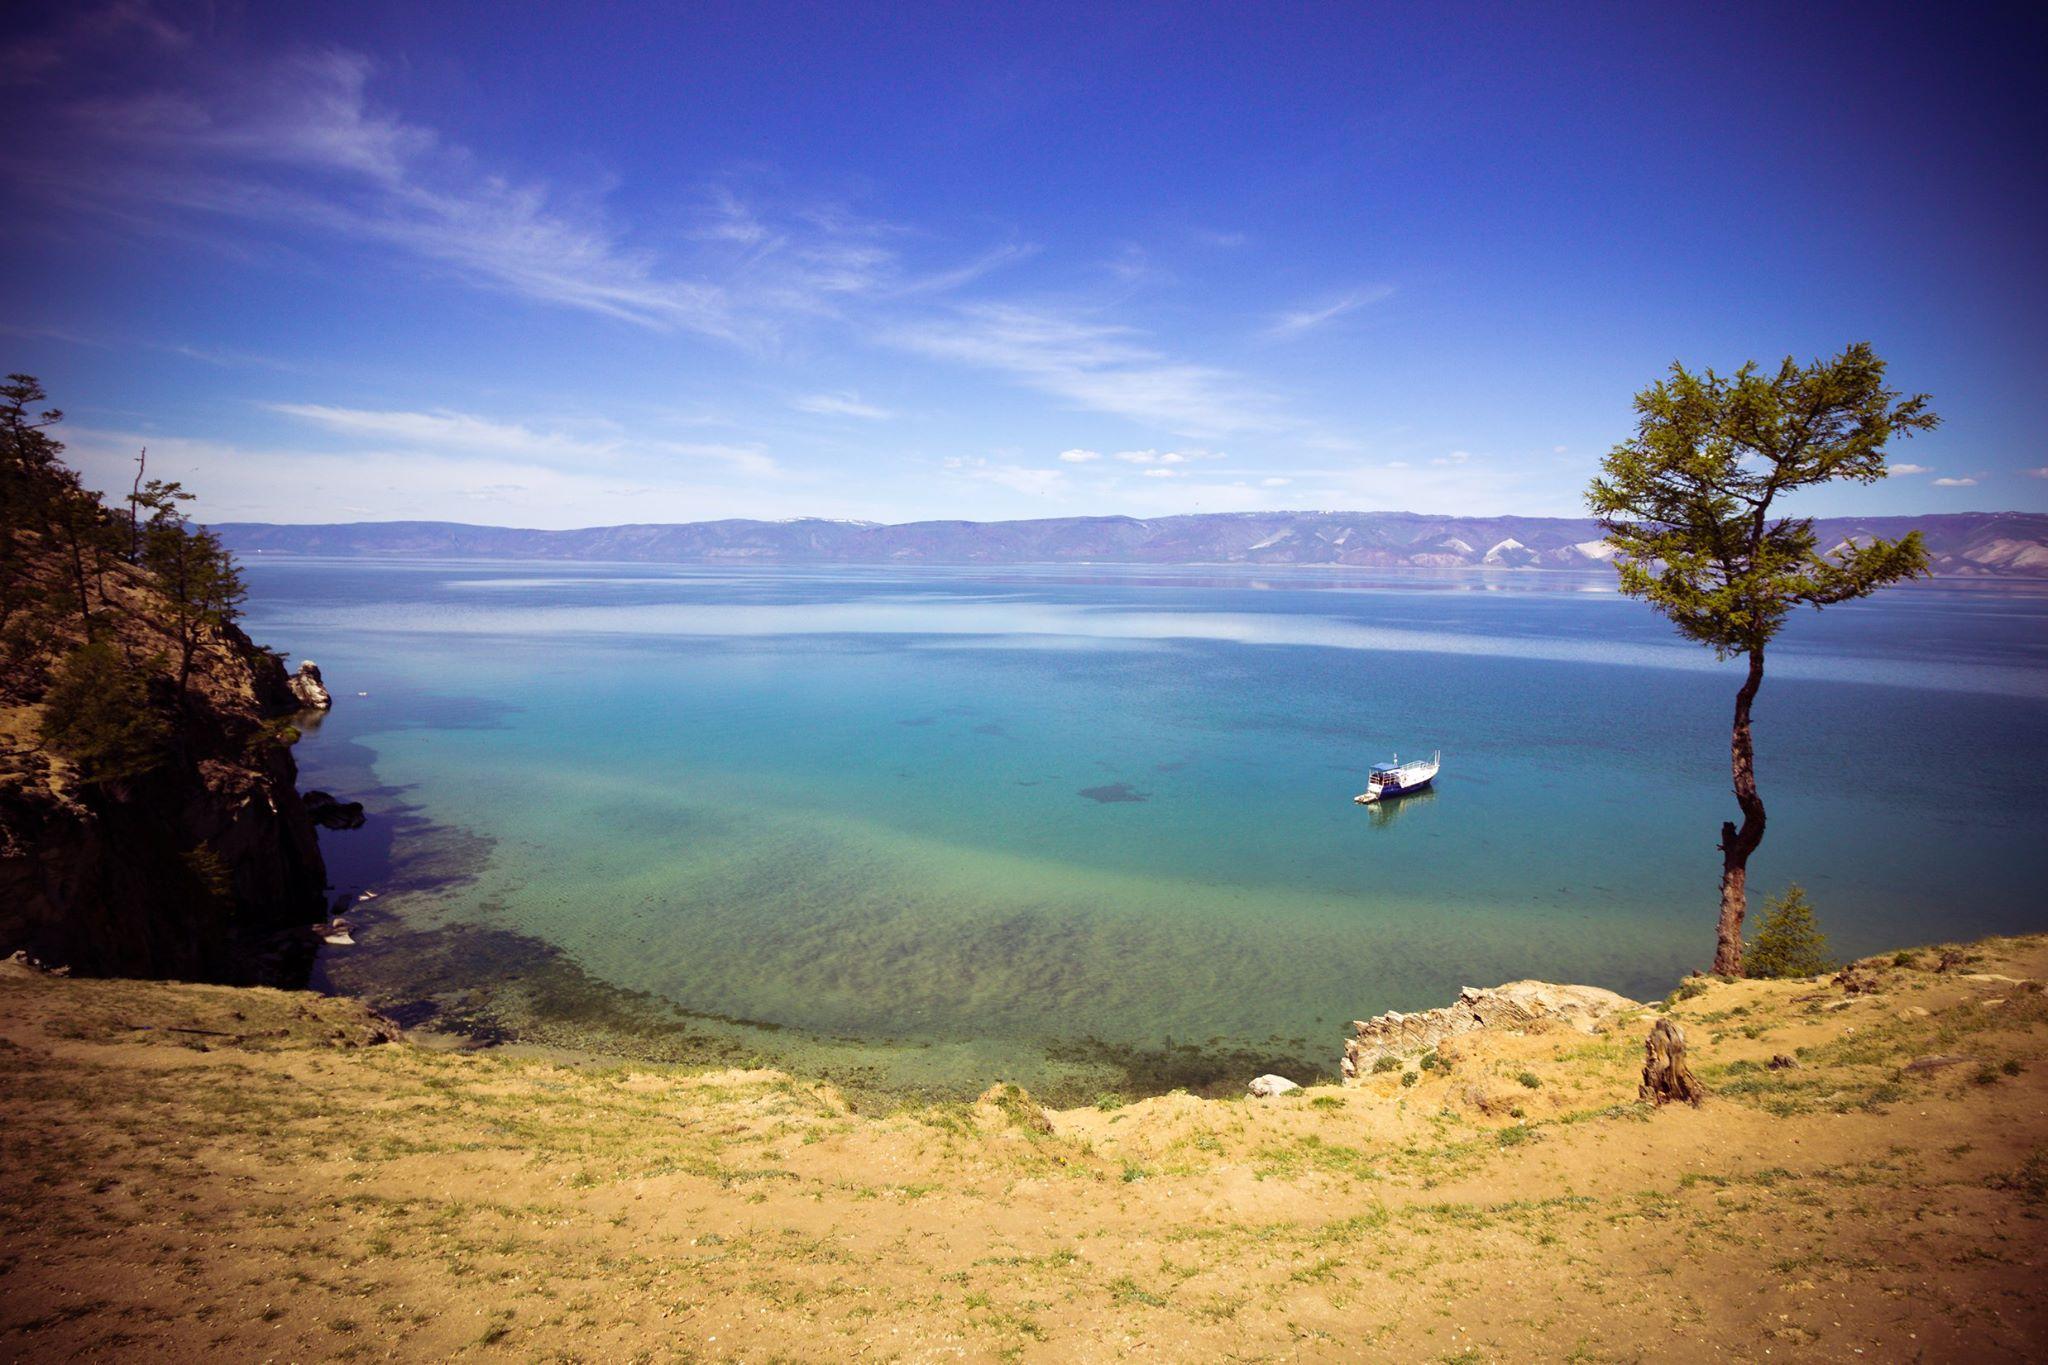 Qui si trovano oltre 1.400 specie animali e vegetali e ogni anni vengono scoperte nuove forme di vita. Nel 1996 il lago è stato posto sotto la tutela dell'Unesco come patrimonio dell'umanità